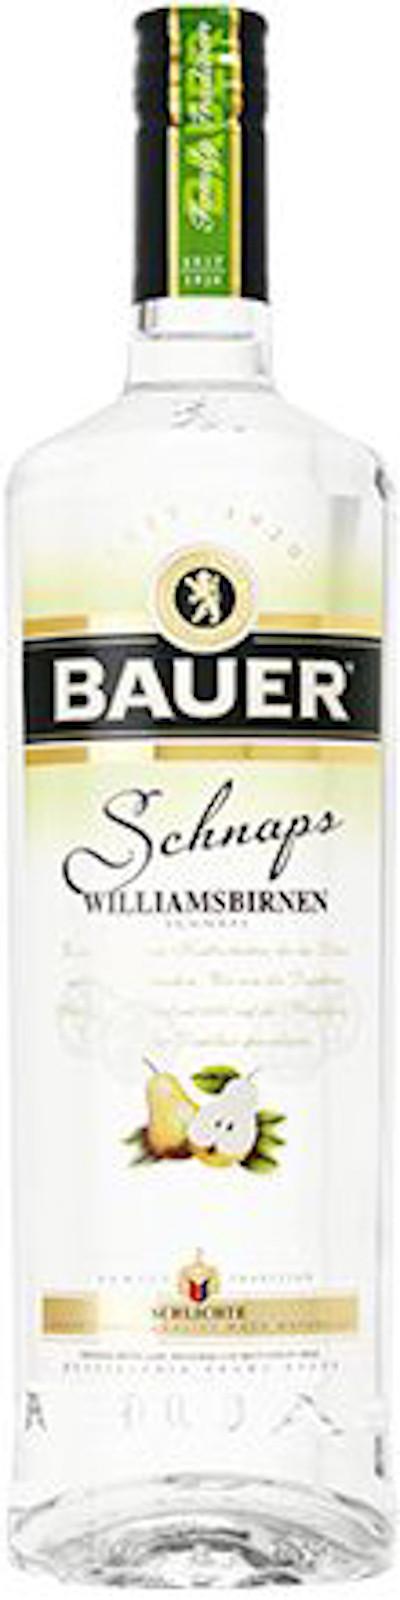 Bauer - Hausschnaps Williamsbirne